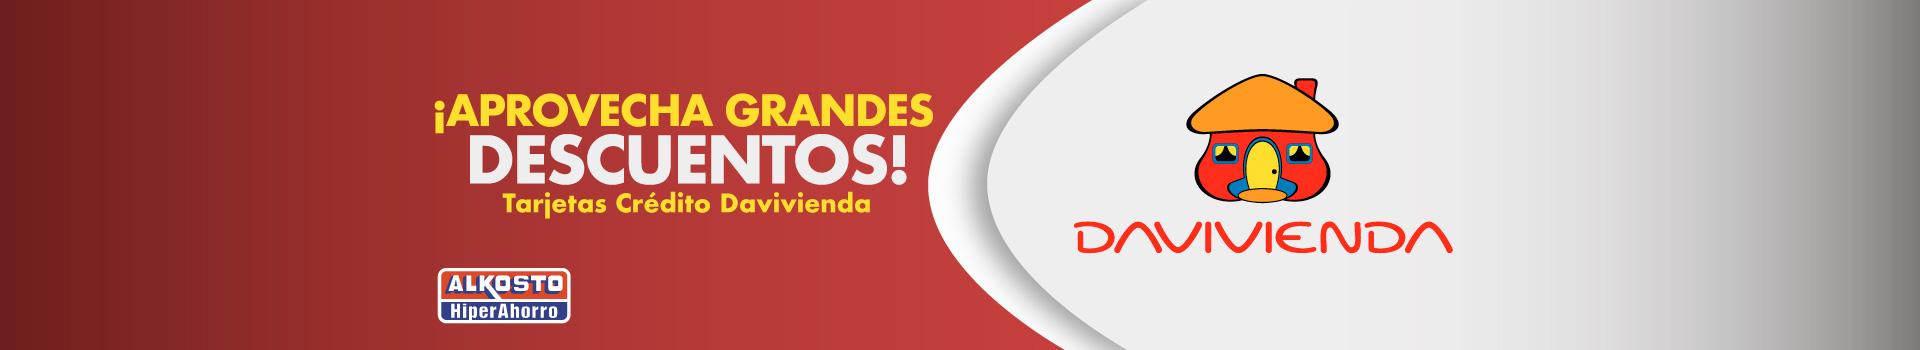 AK-KT-Banco-Davivienda-General